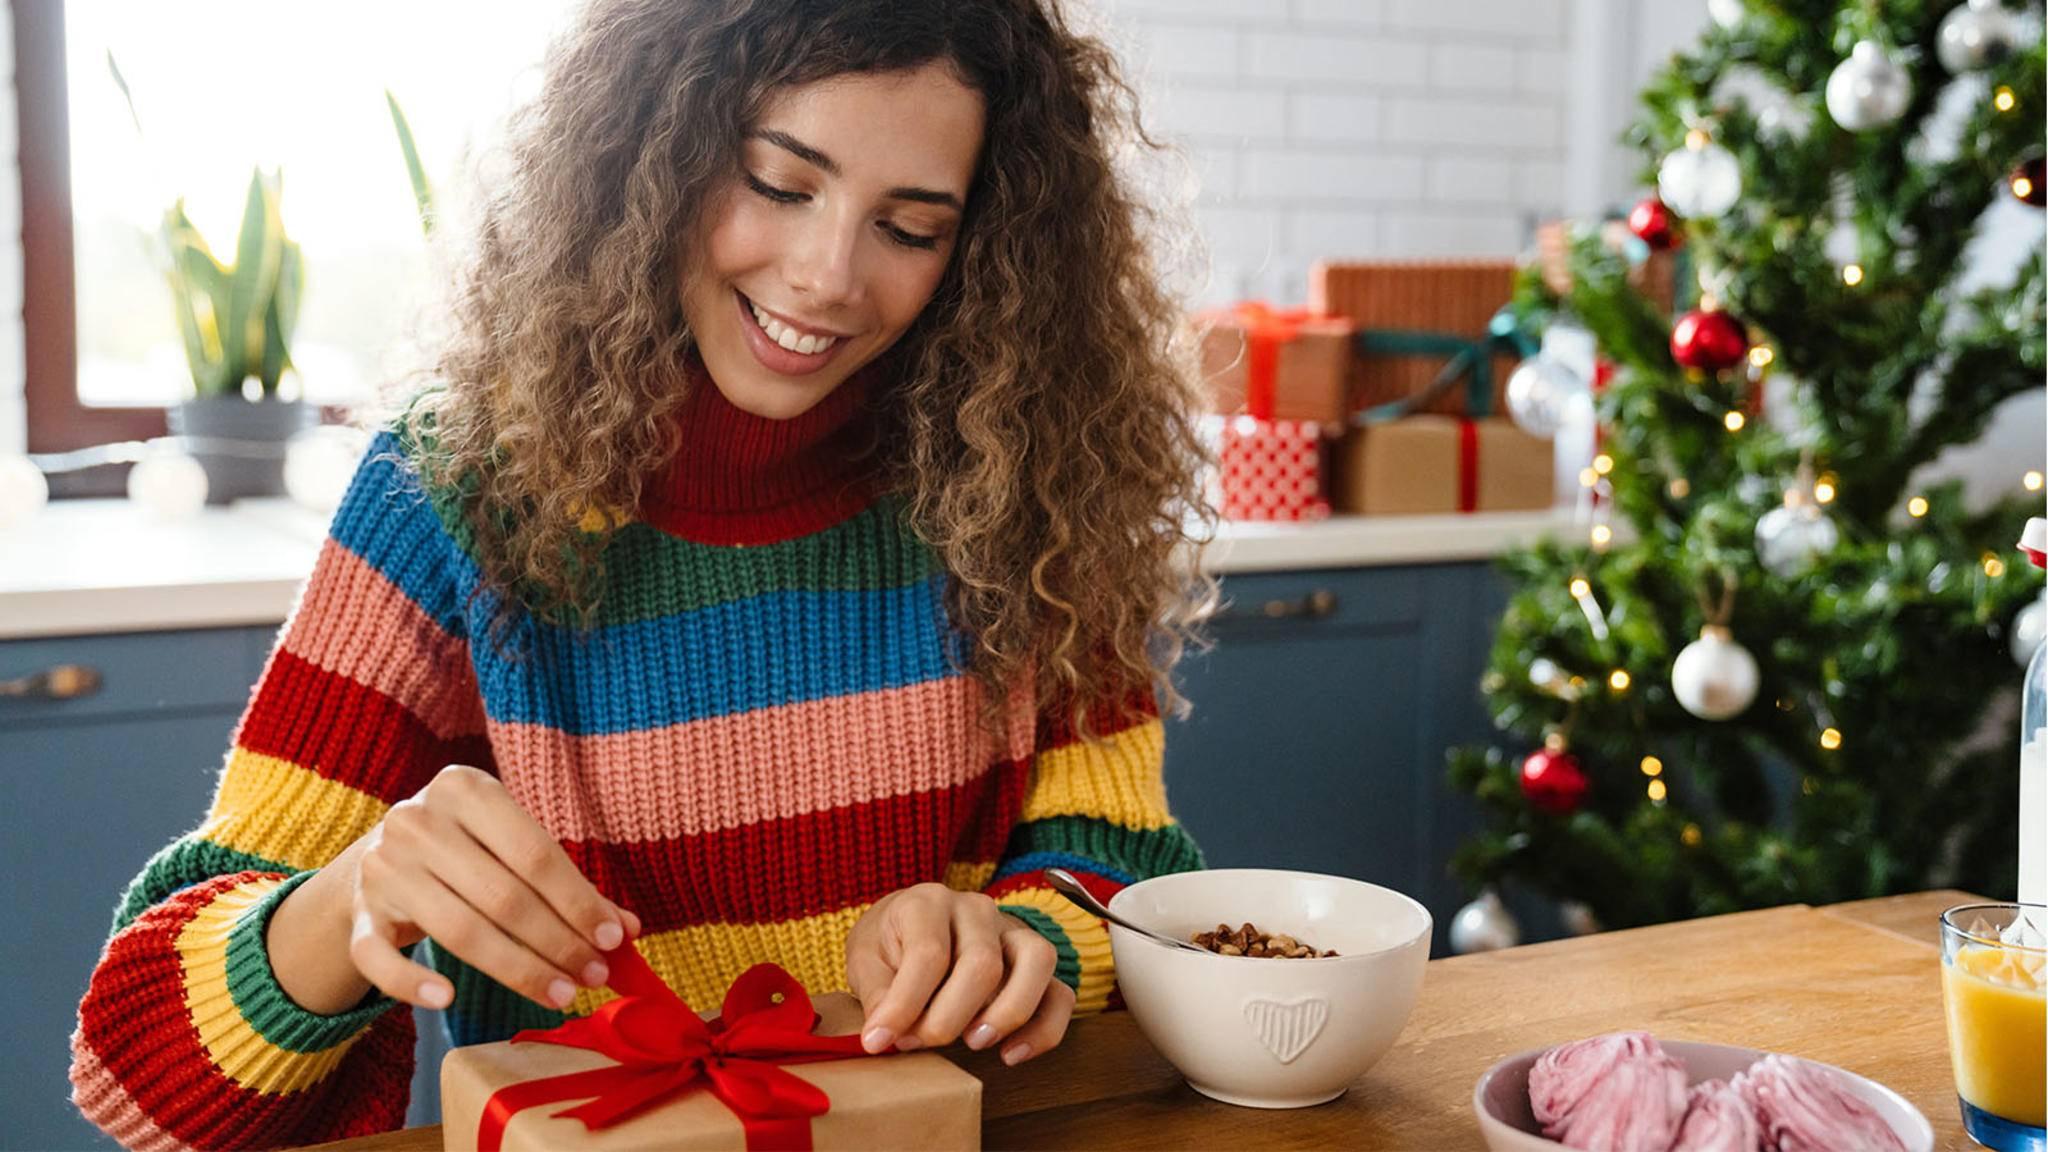 Frau öffnet Weihnachtsgeschenk in Küche am Tisch